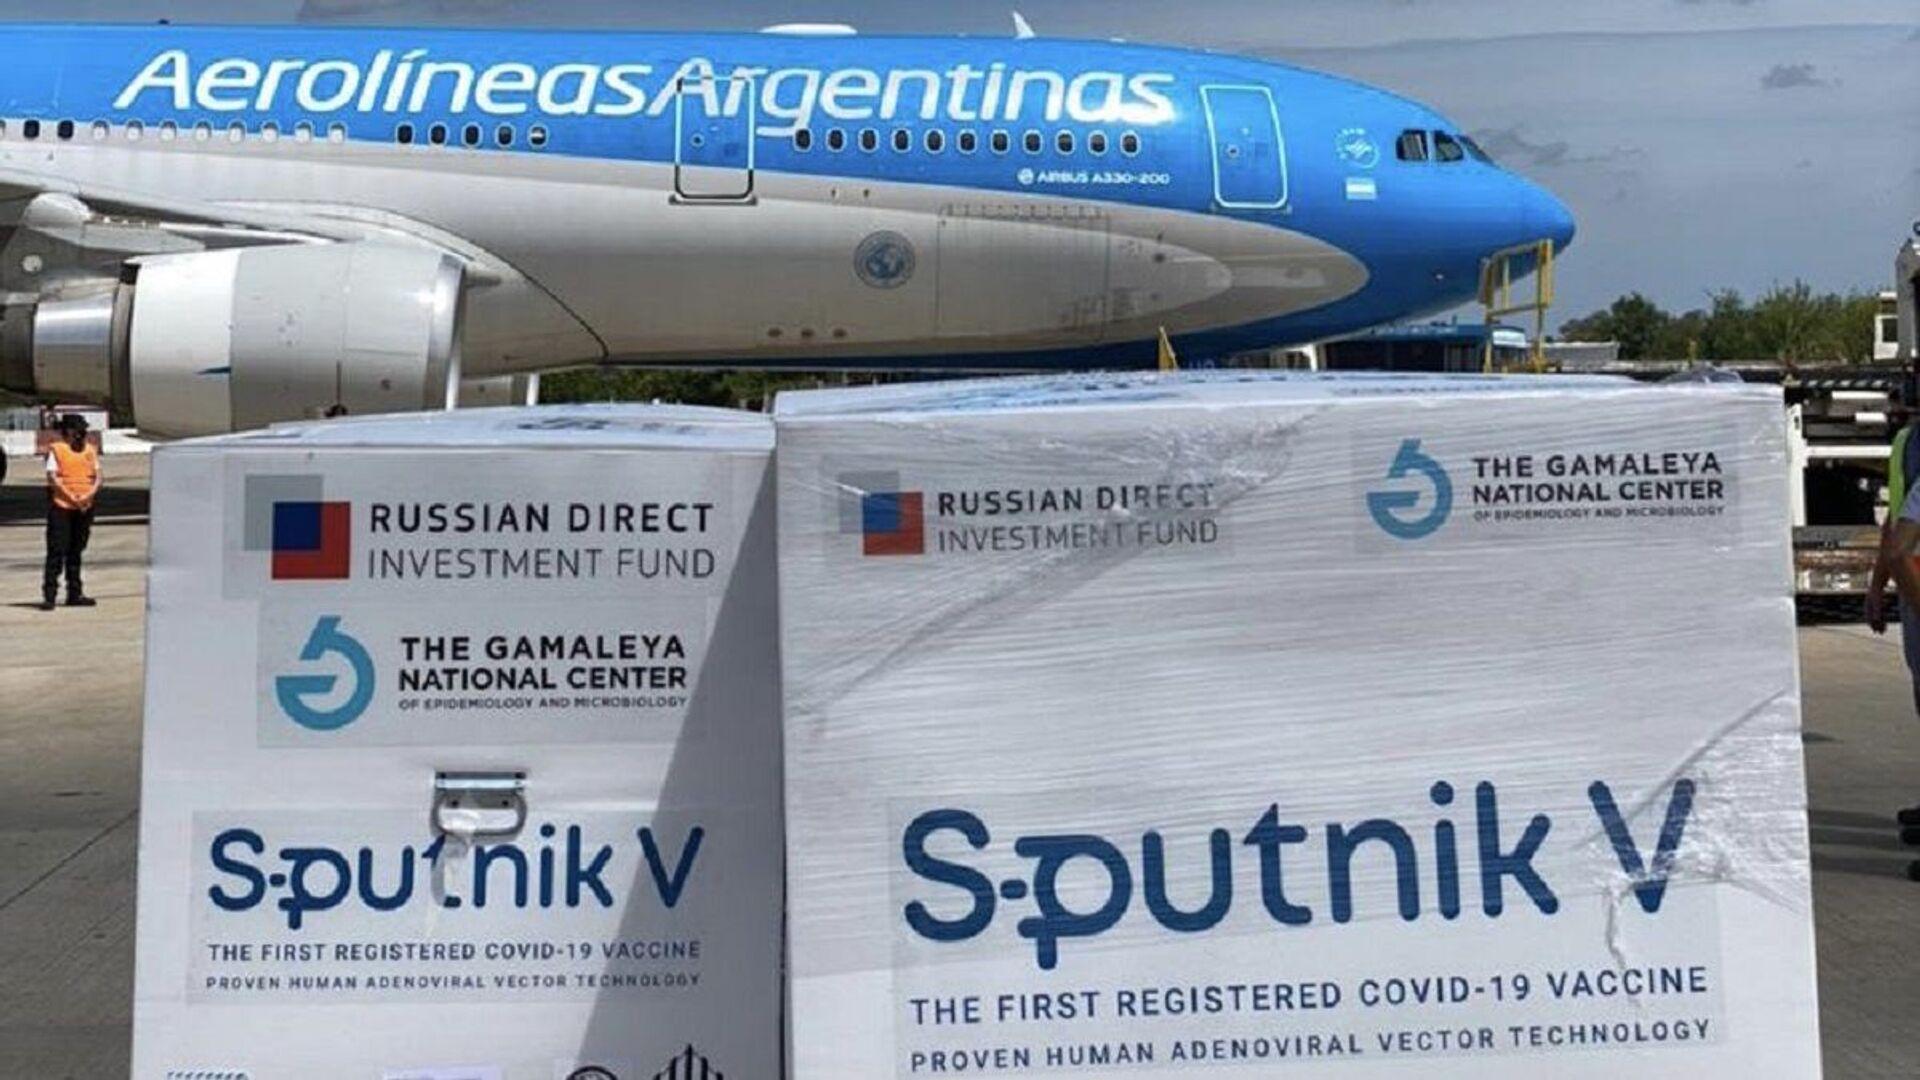 El avión con el segundo lote de vacuna rusa Sputnik V llega desde Moscú a Argentina  - Sputnik Mundo, 1920, 08.06.2021